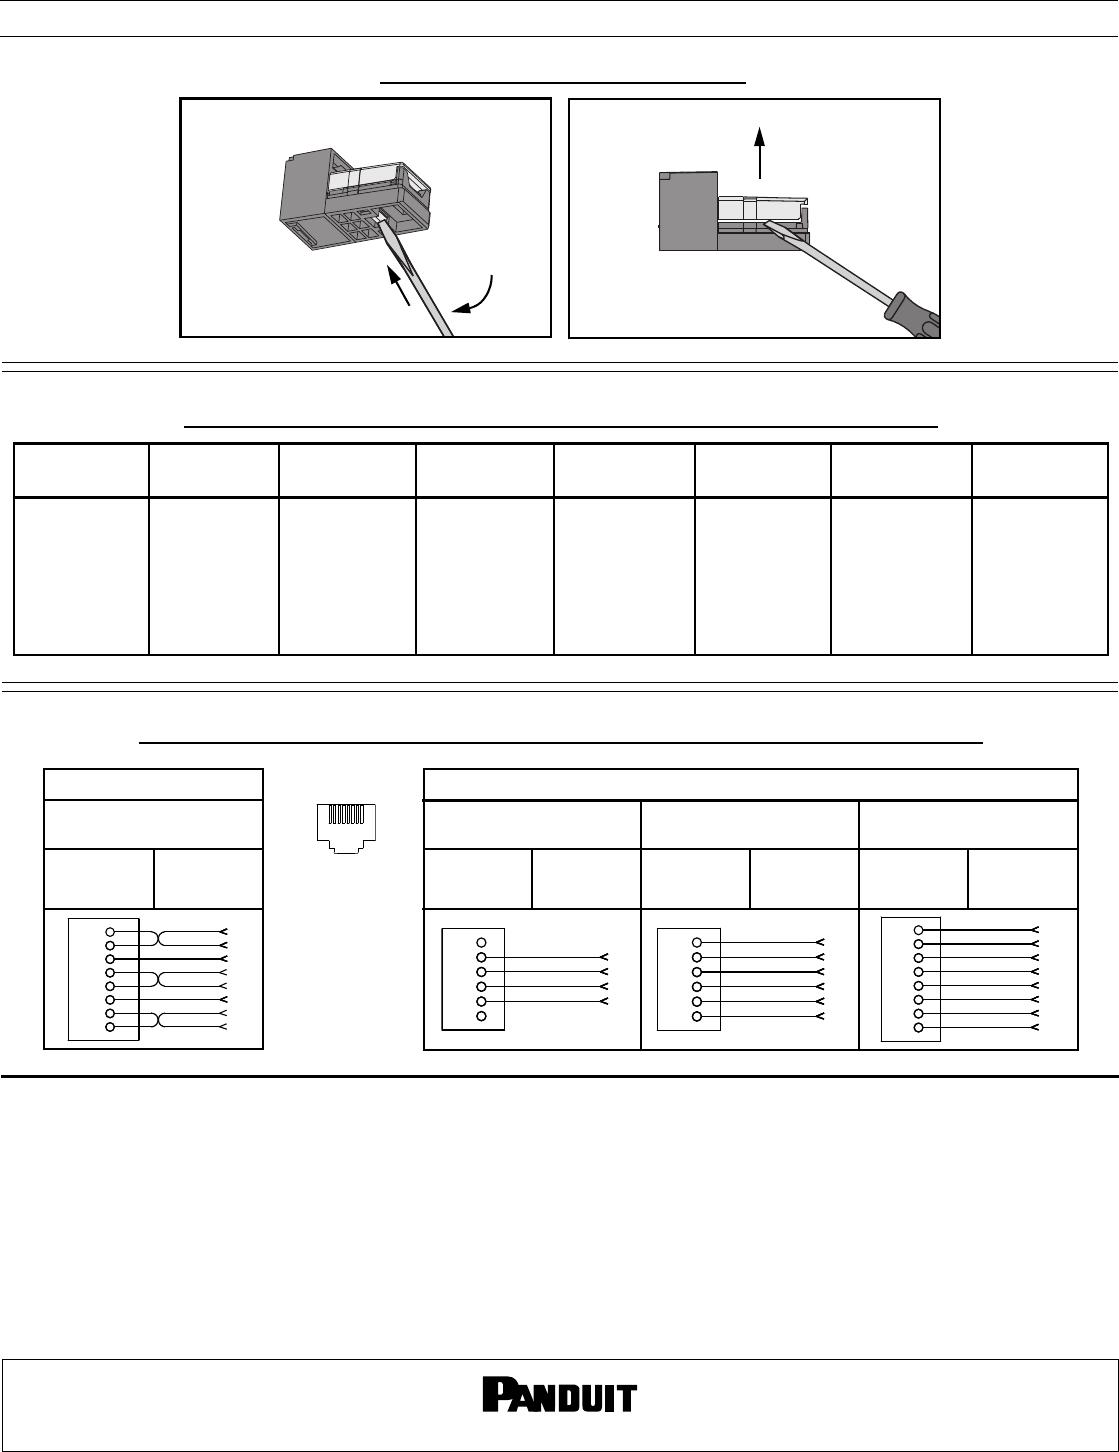 panduit rj11 wiring diagram pn45h installation directions  pn45h installation directions